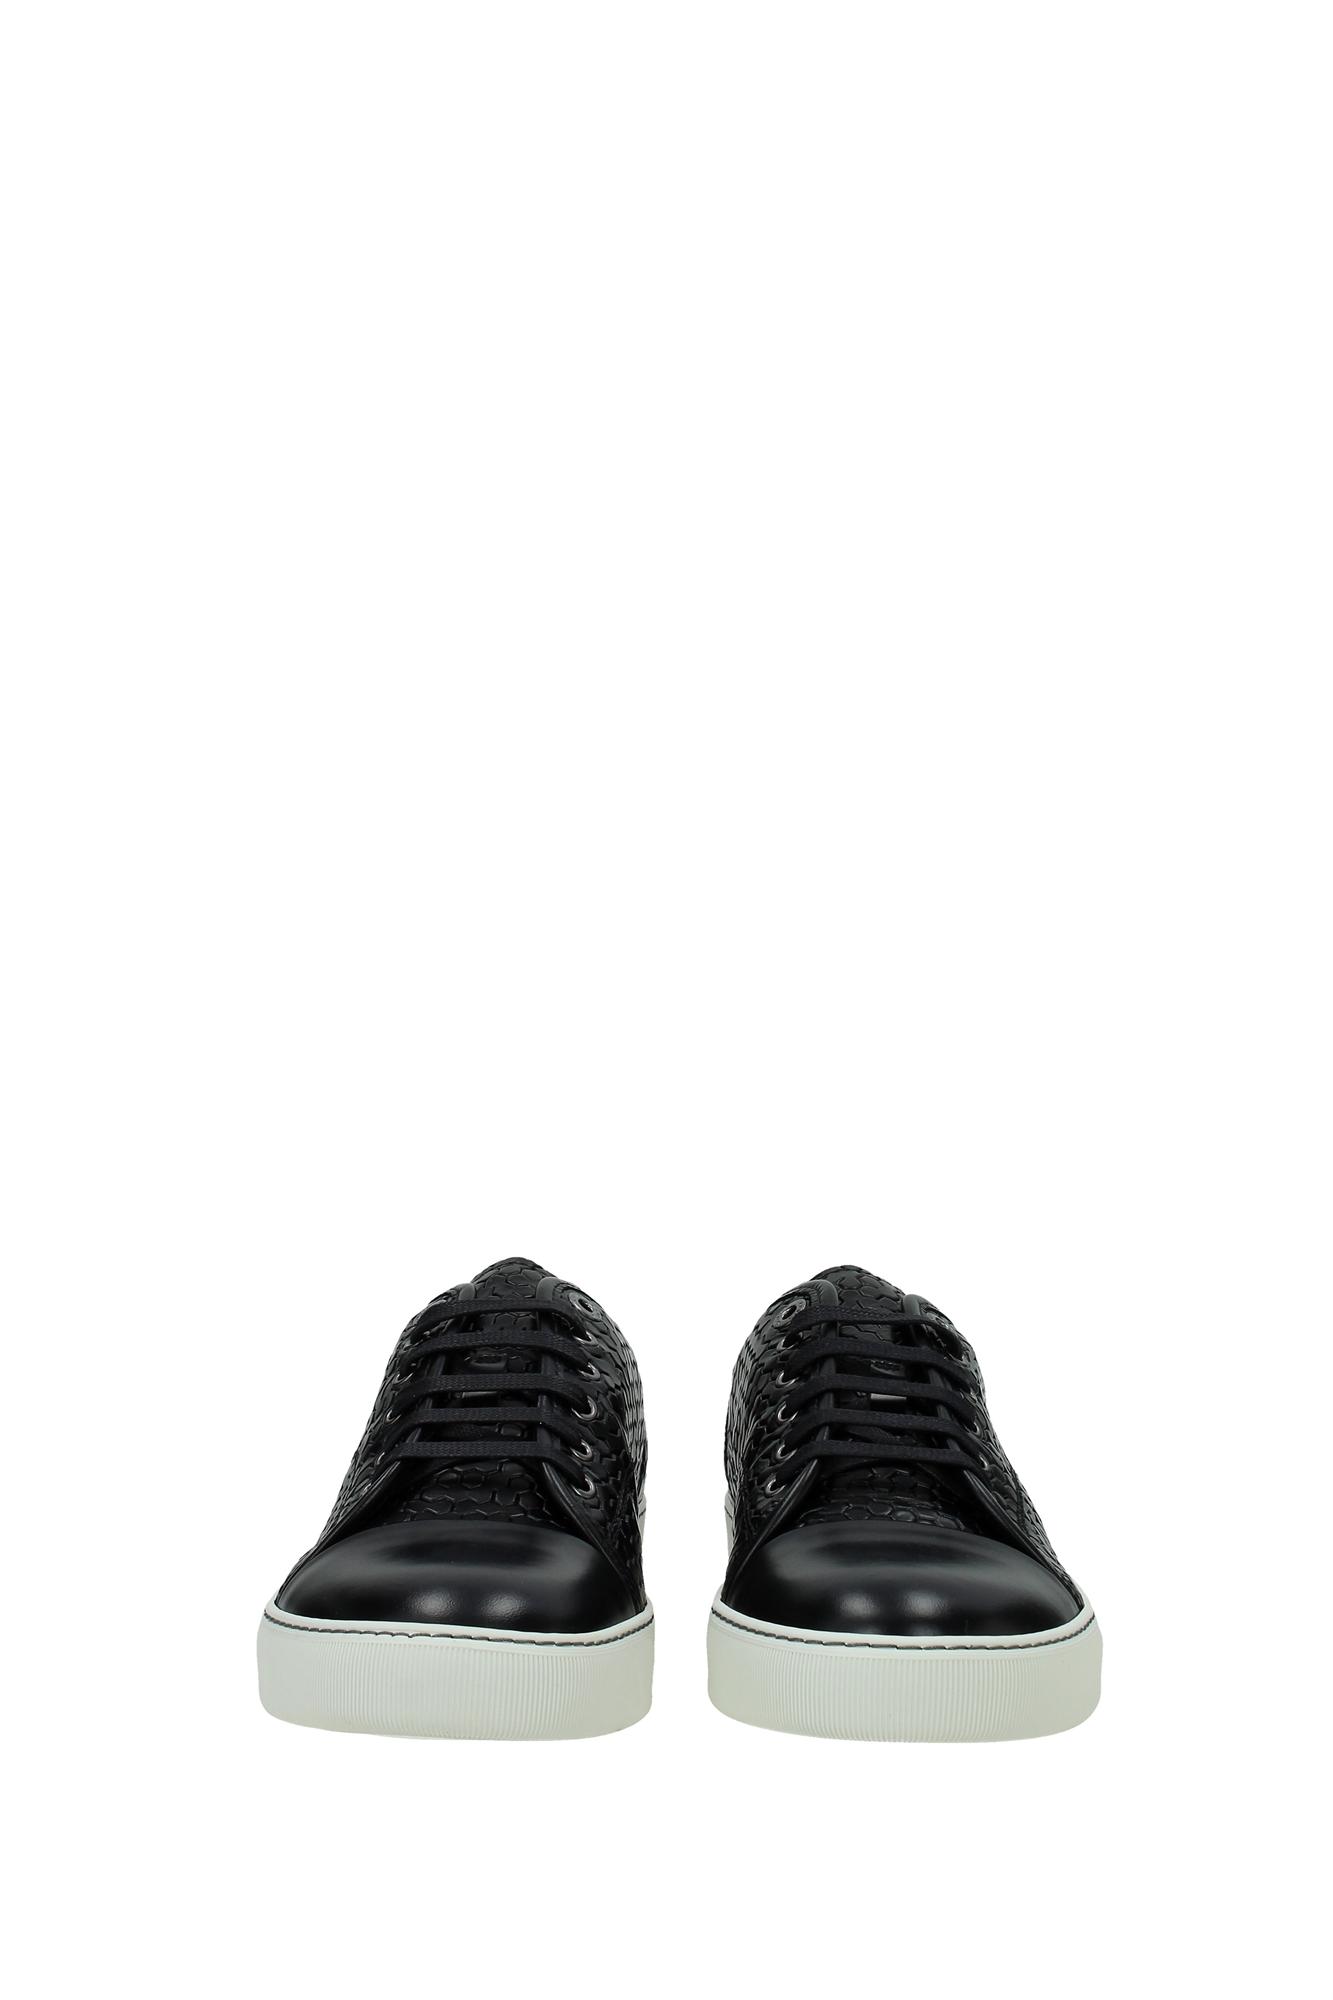 Sneakers lanvin herren leder schwarz fmskdbb1vlela1510 ebay for Kuchenstuhle leder schwarz